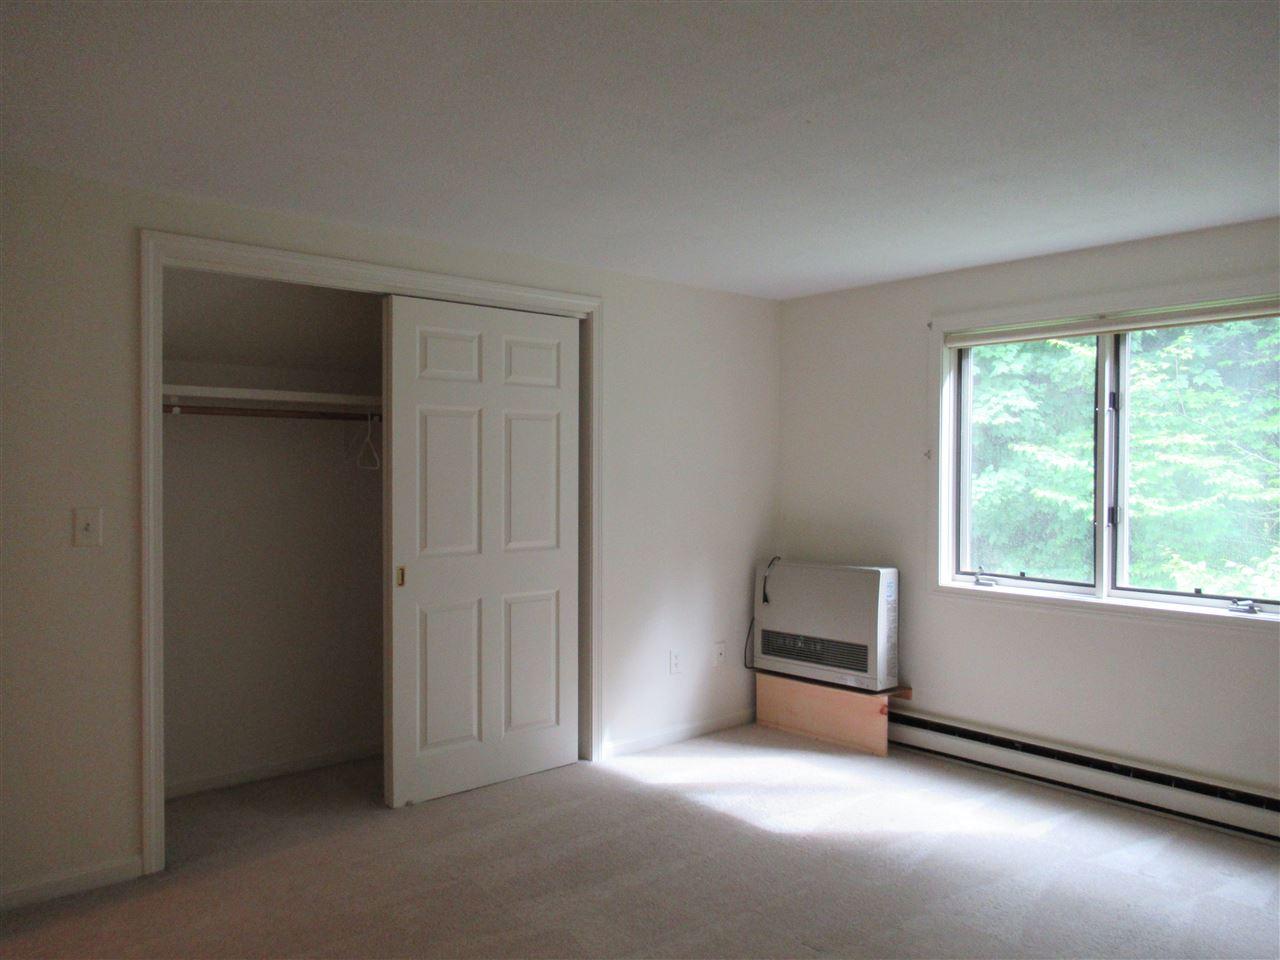 2nd bedroom 11693865